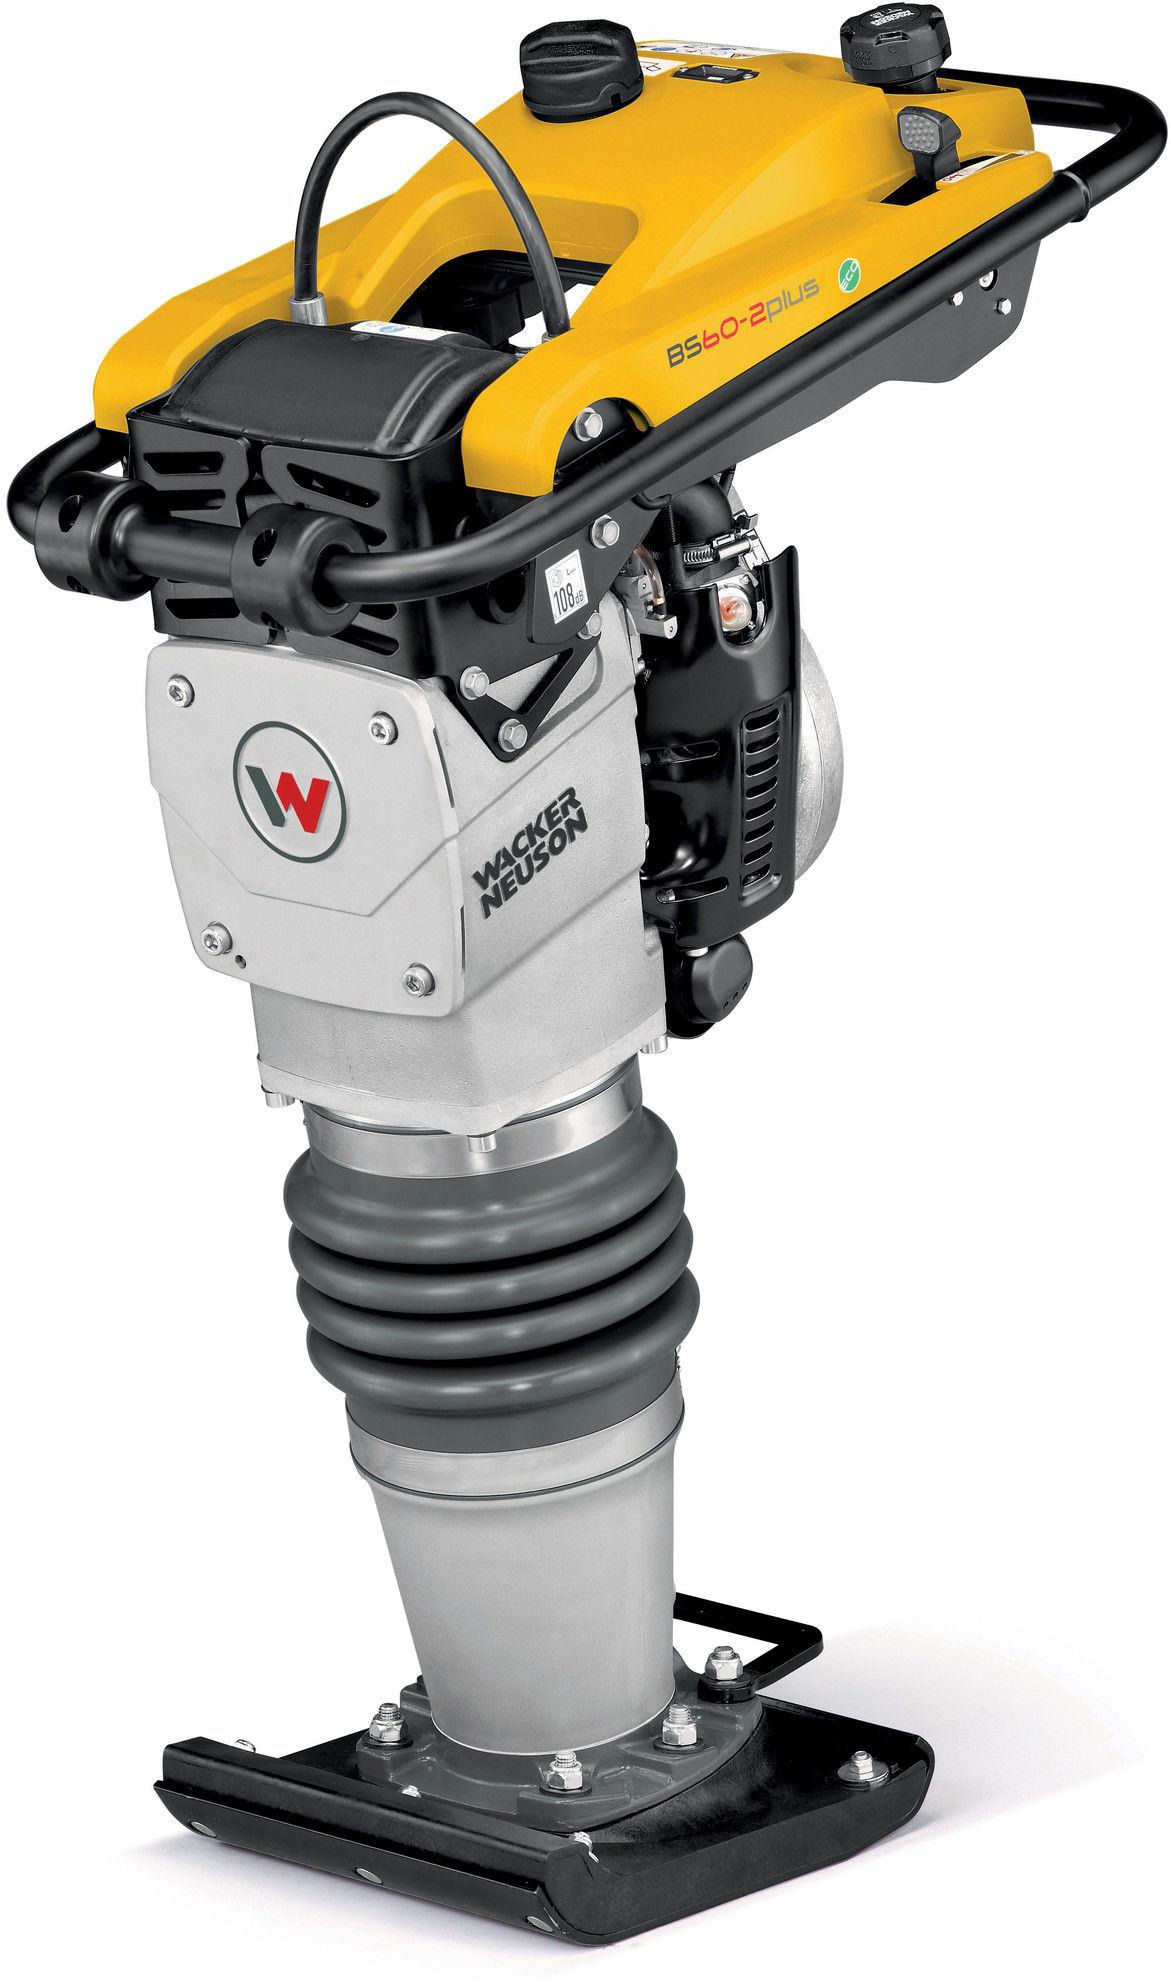 Zagęszczarka stopowa (skoczek) Wacker Neuson BS 60-2 PLUS (280 mm)